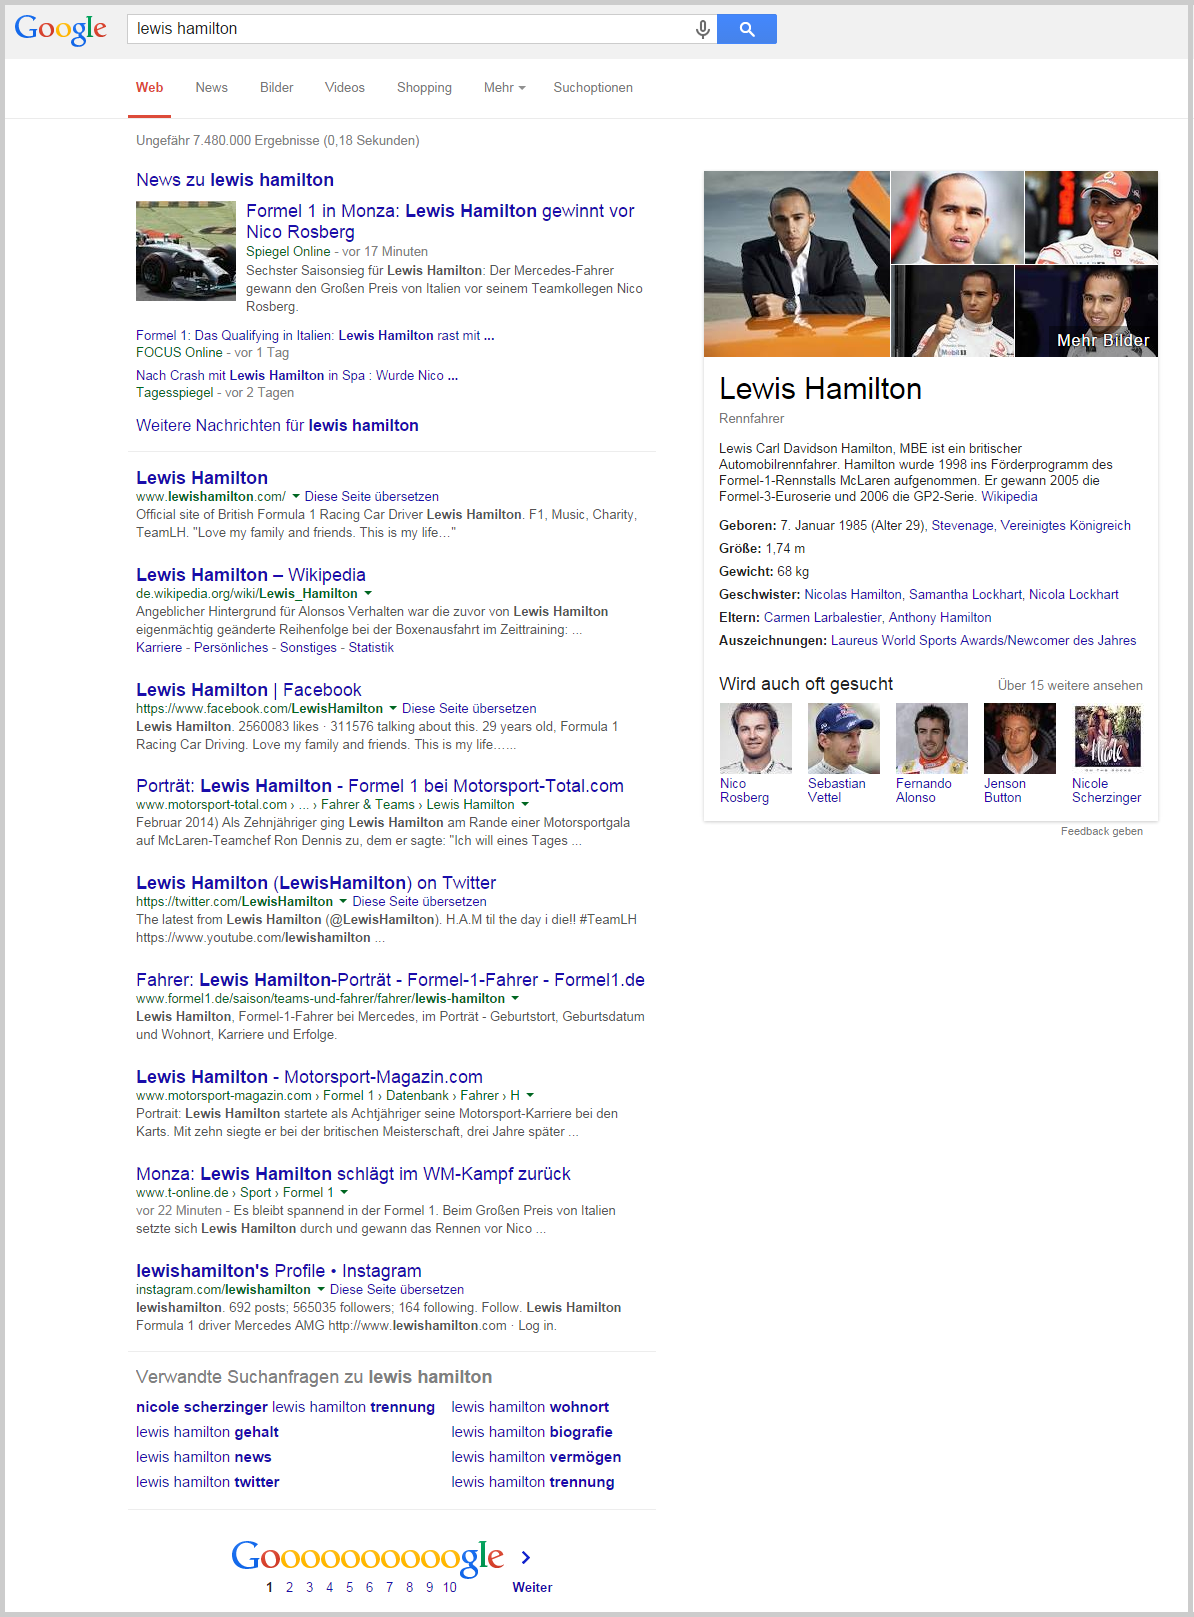 Beispiel eines Suchergebnisses bei Google